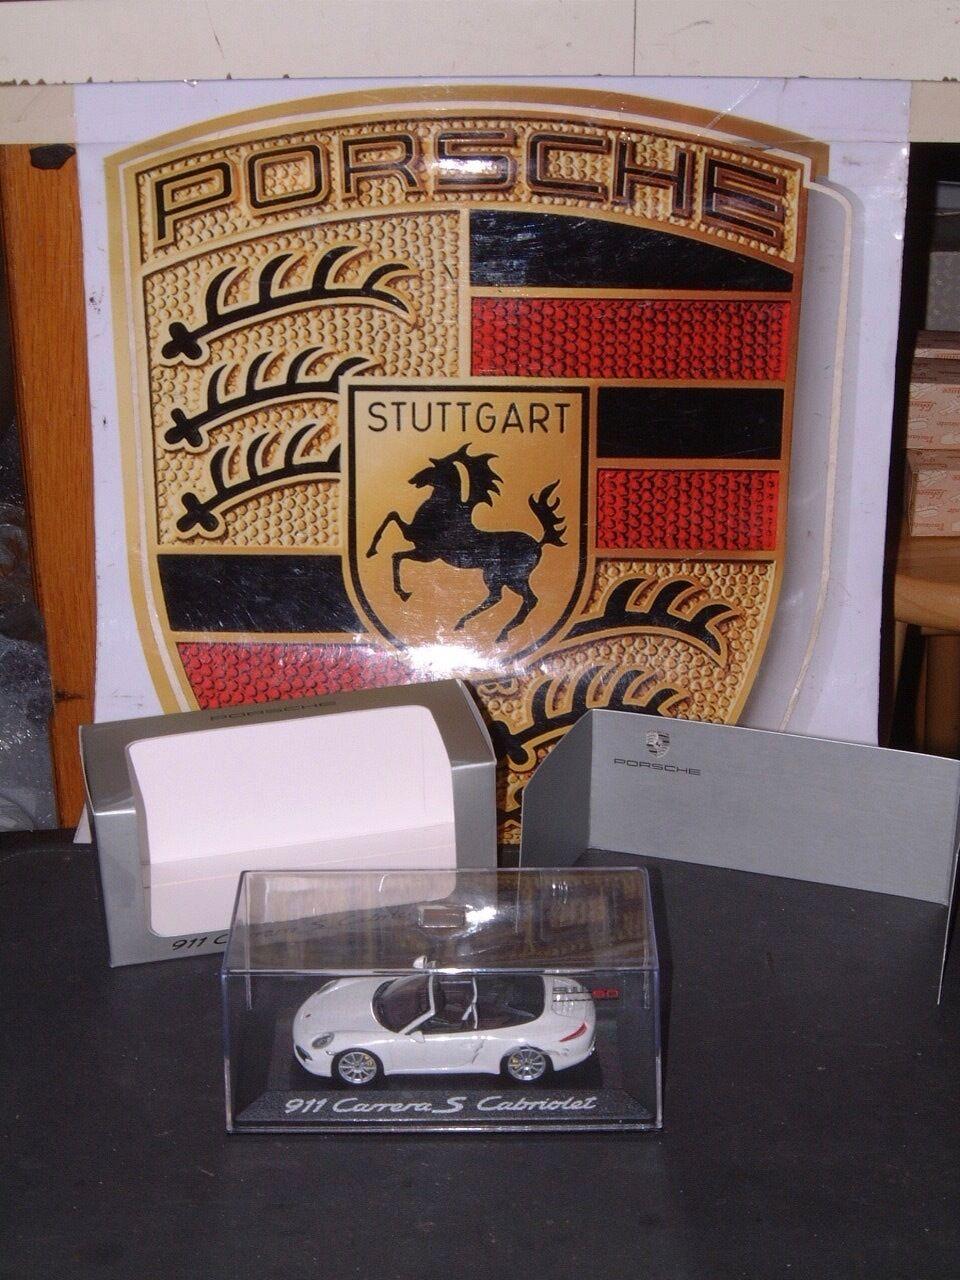 PORSCHE DESIGN DRIVER'S SELECTION, 1 43 SCALE 911 Carrera S Cabriolet année 50